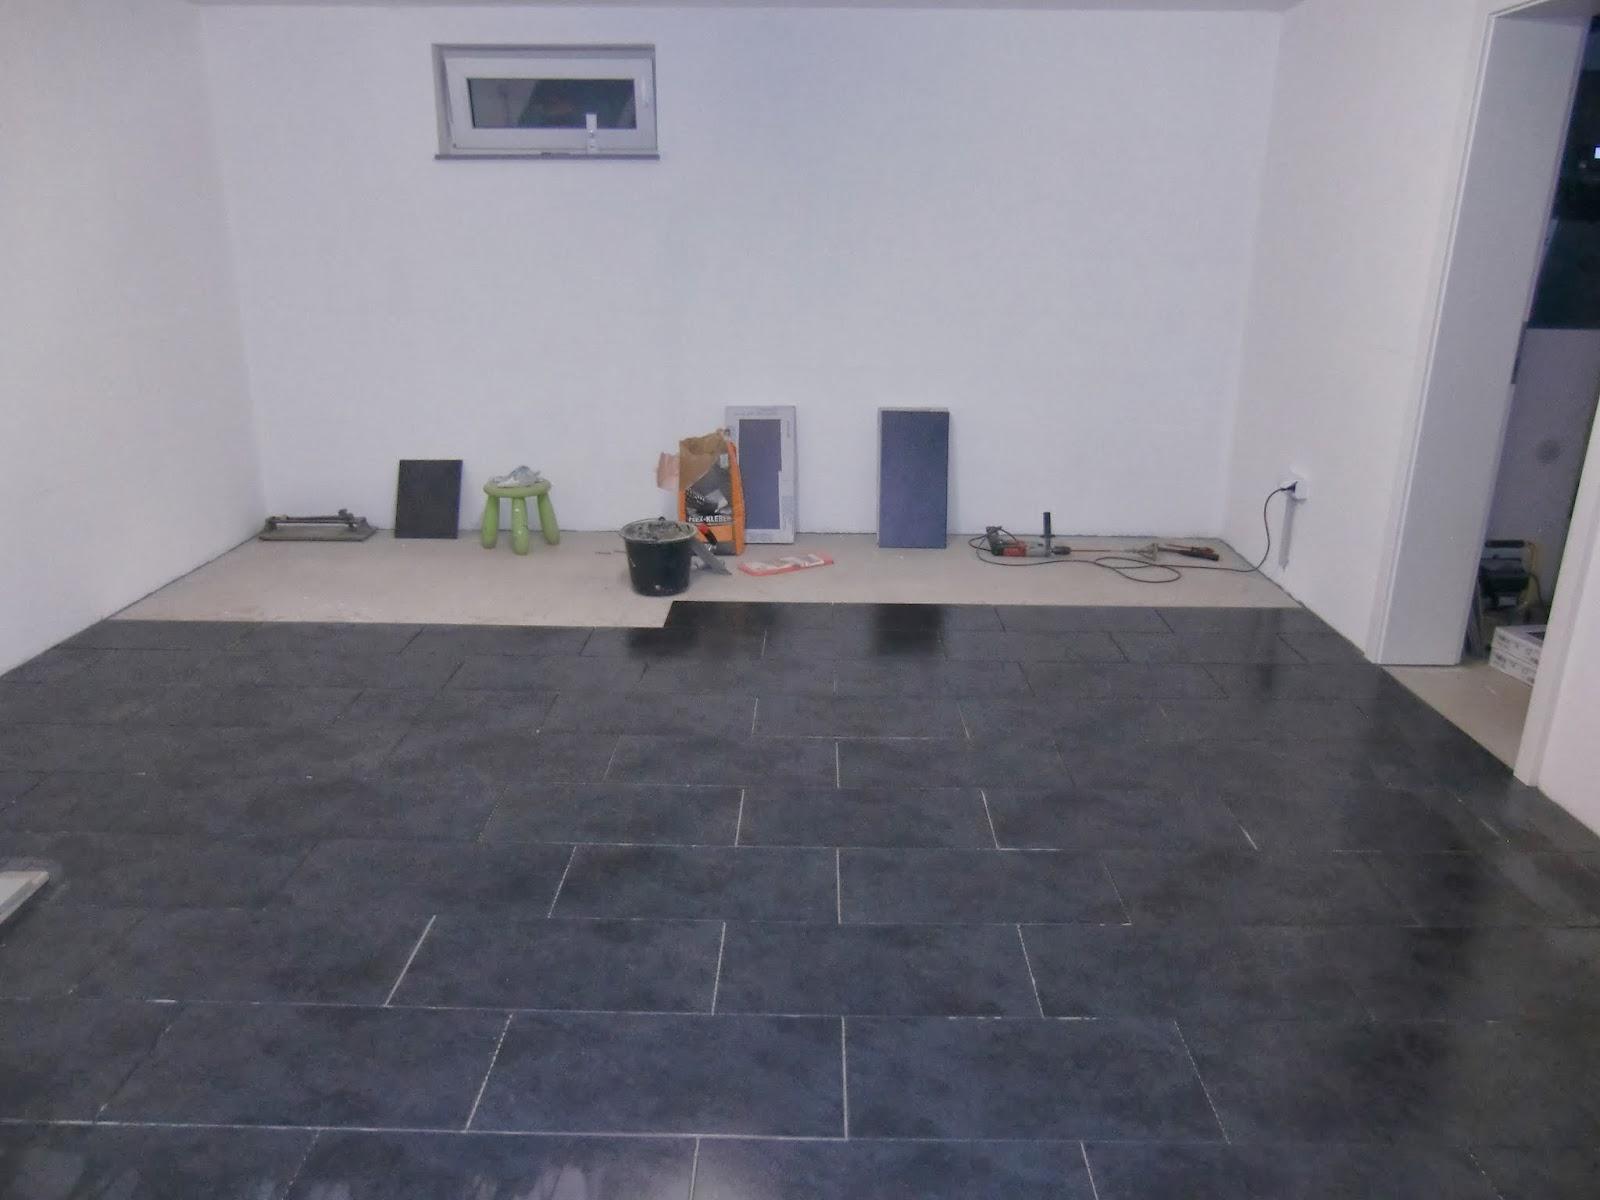 wir bau t en ein spektral haus. Black Bedroom Furniture Sets. Home Design Ideas